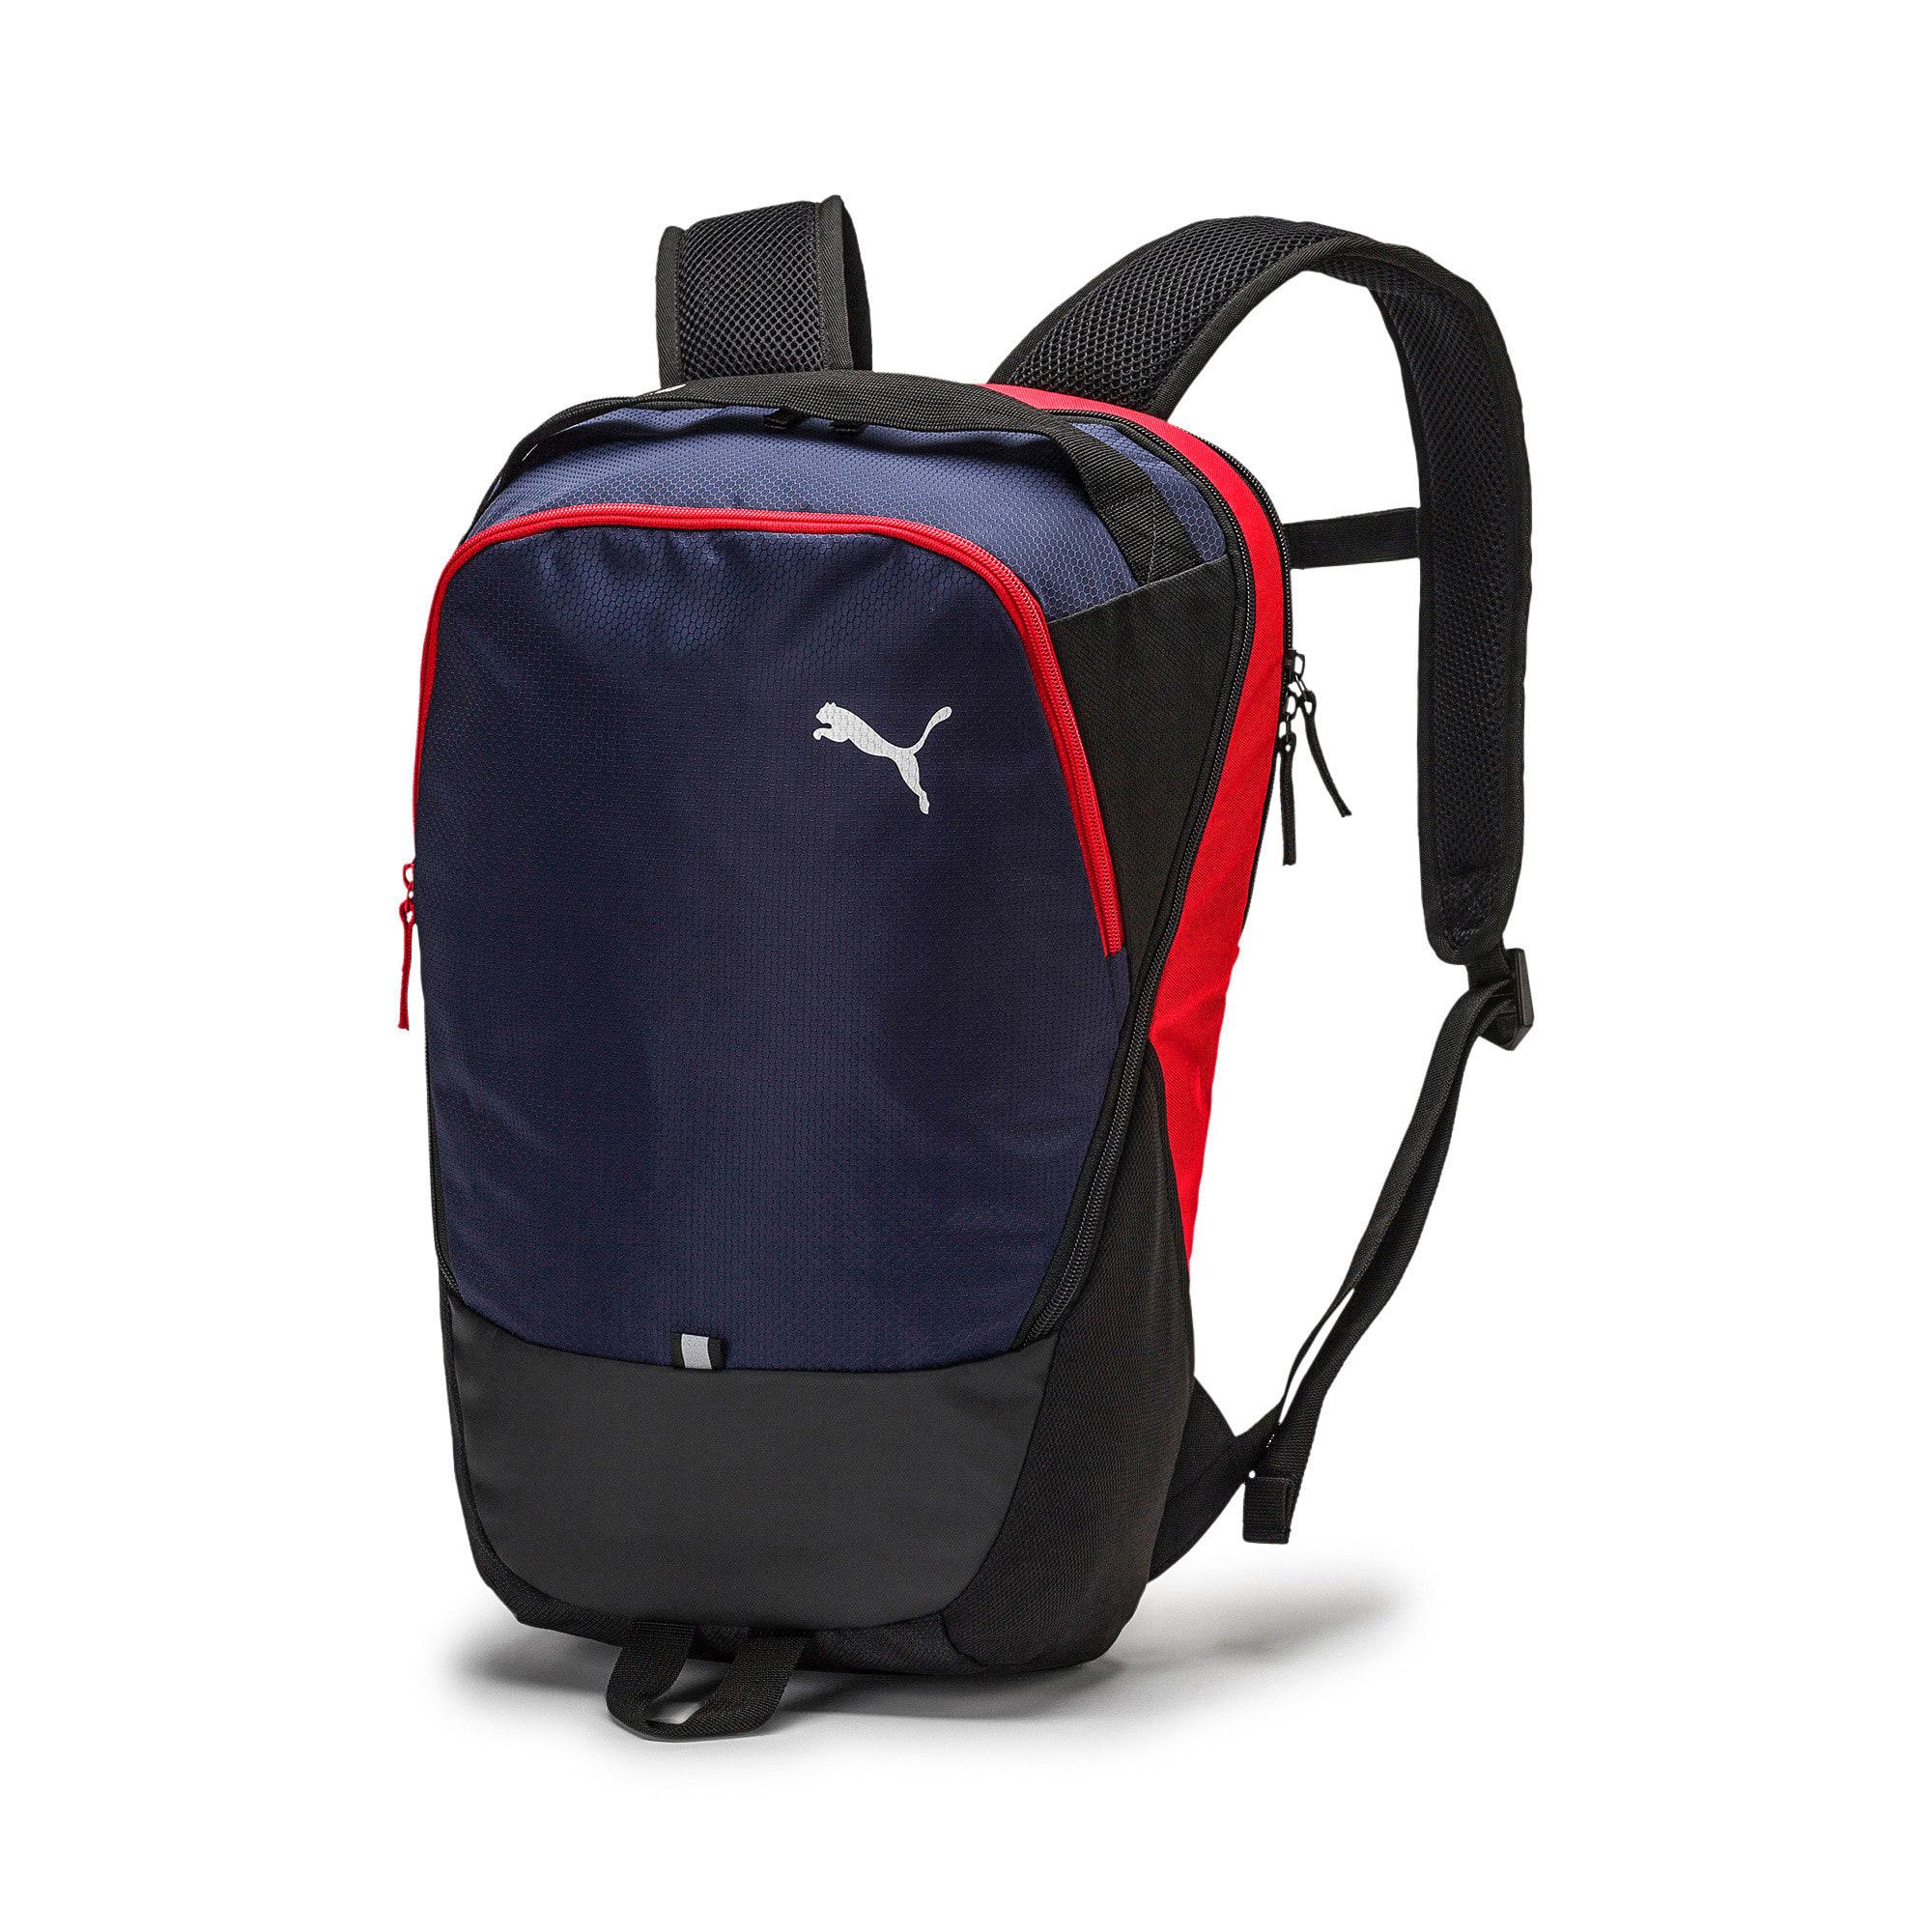 Thumbnail 1 of PUMA X Backpack, Peacoat-Puma Red-Puma Black, medium